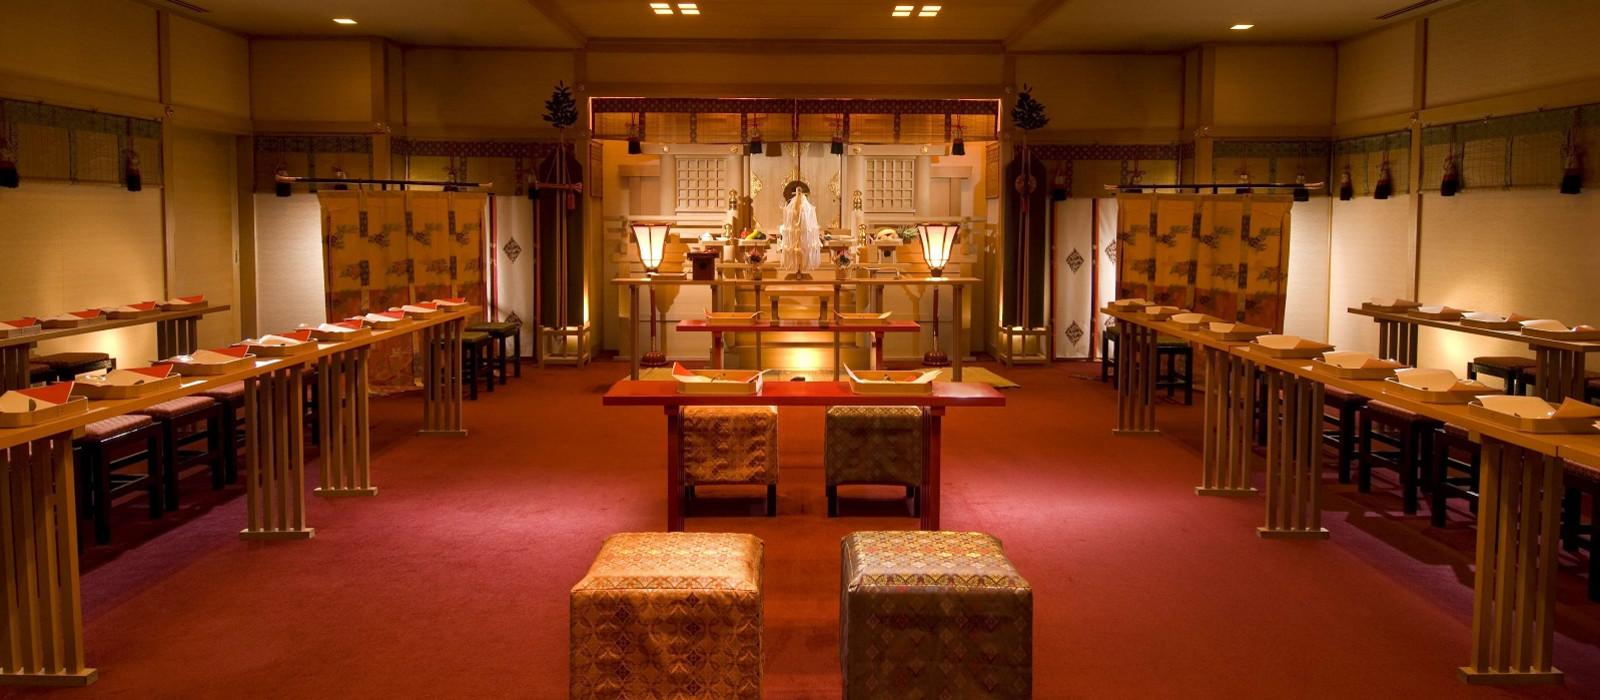 Hotel Hilton Osaka Japan